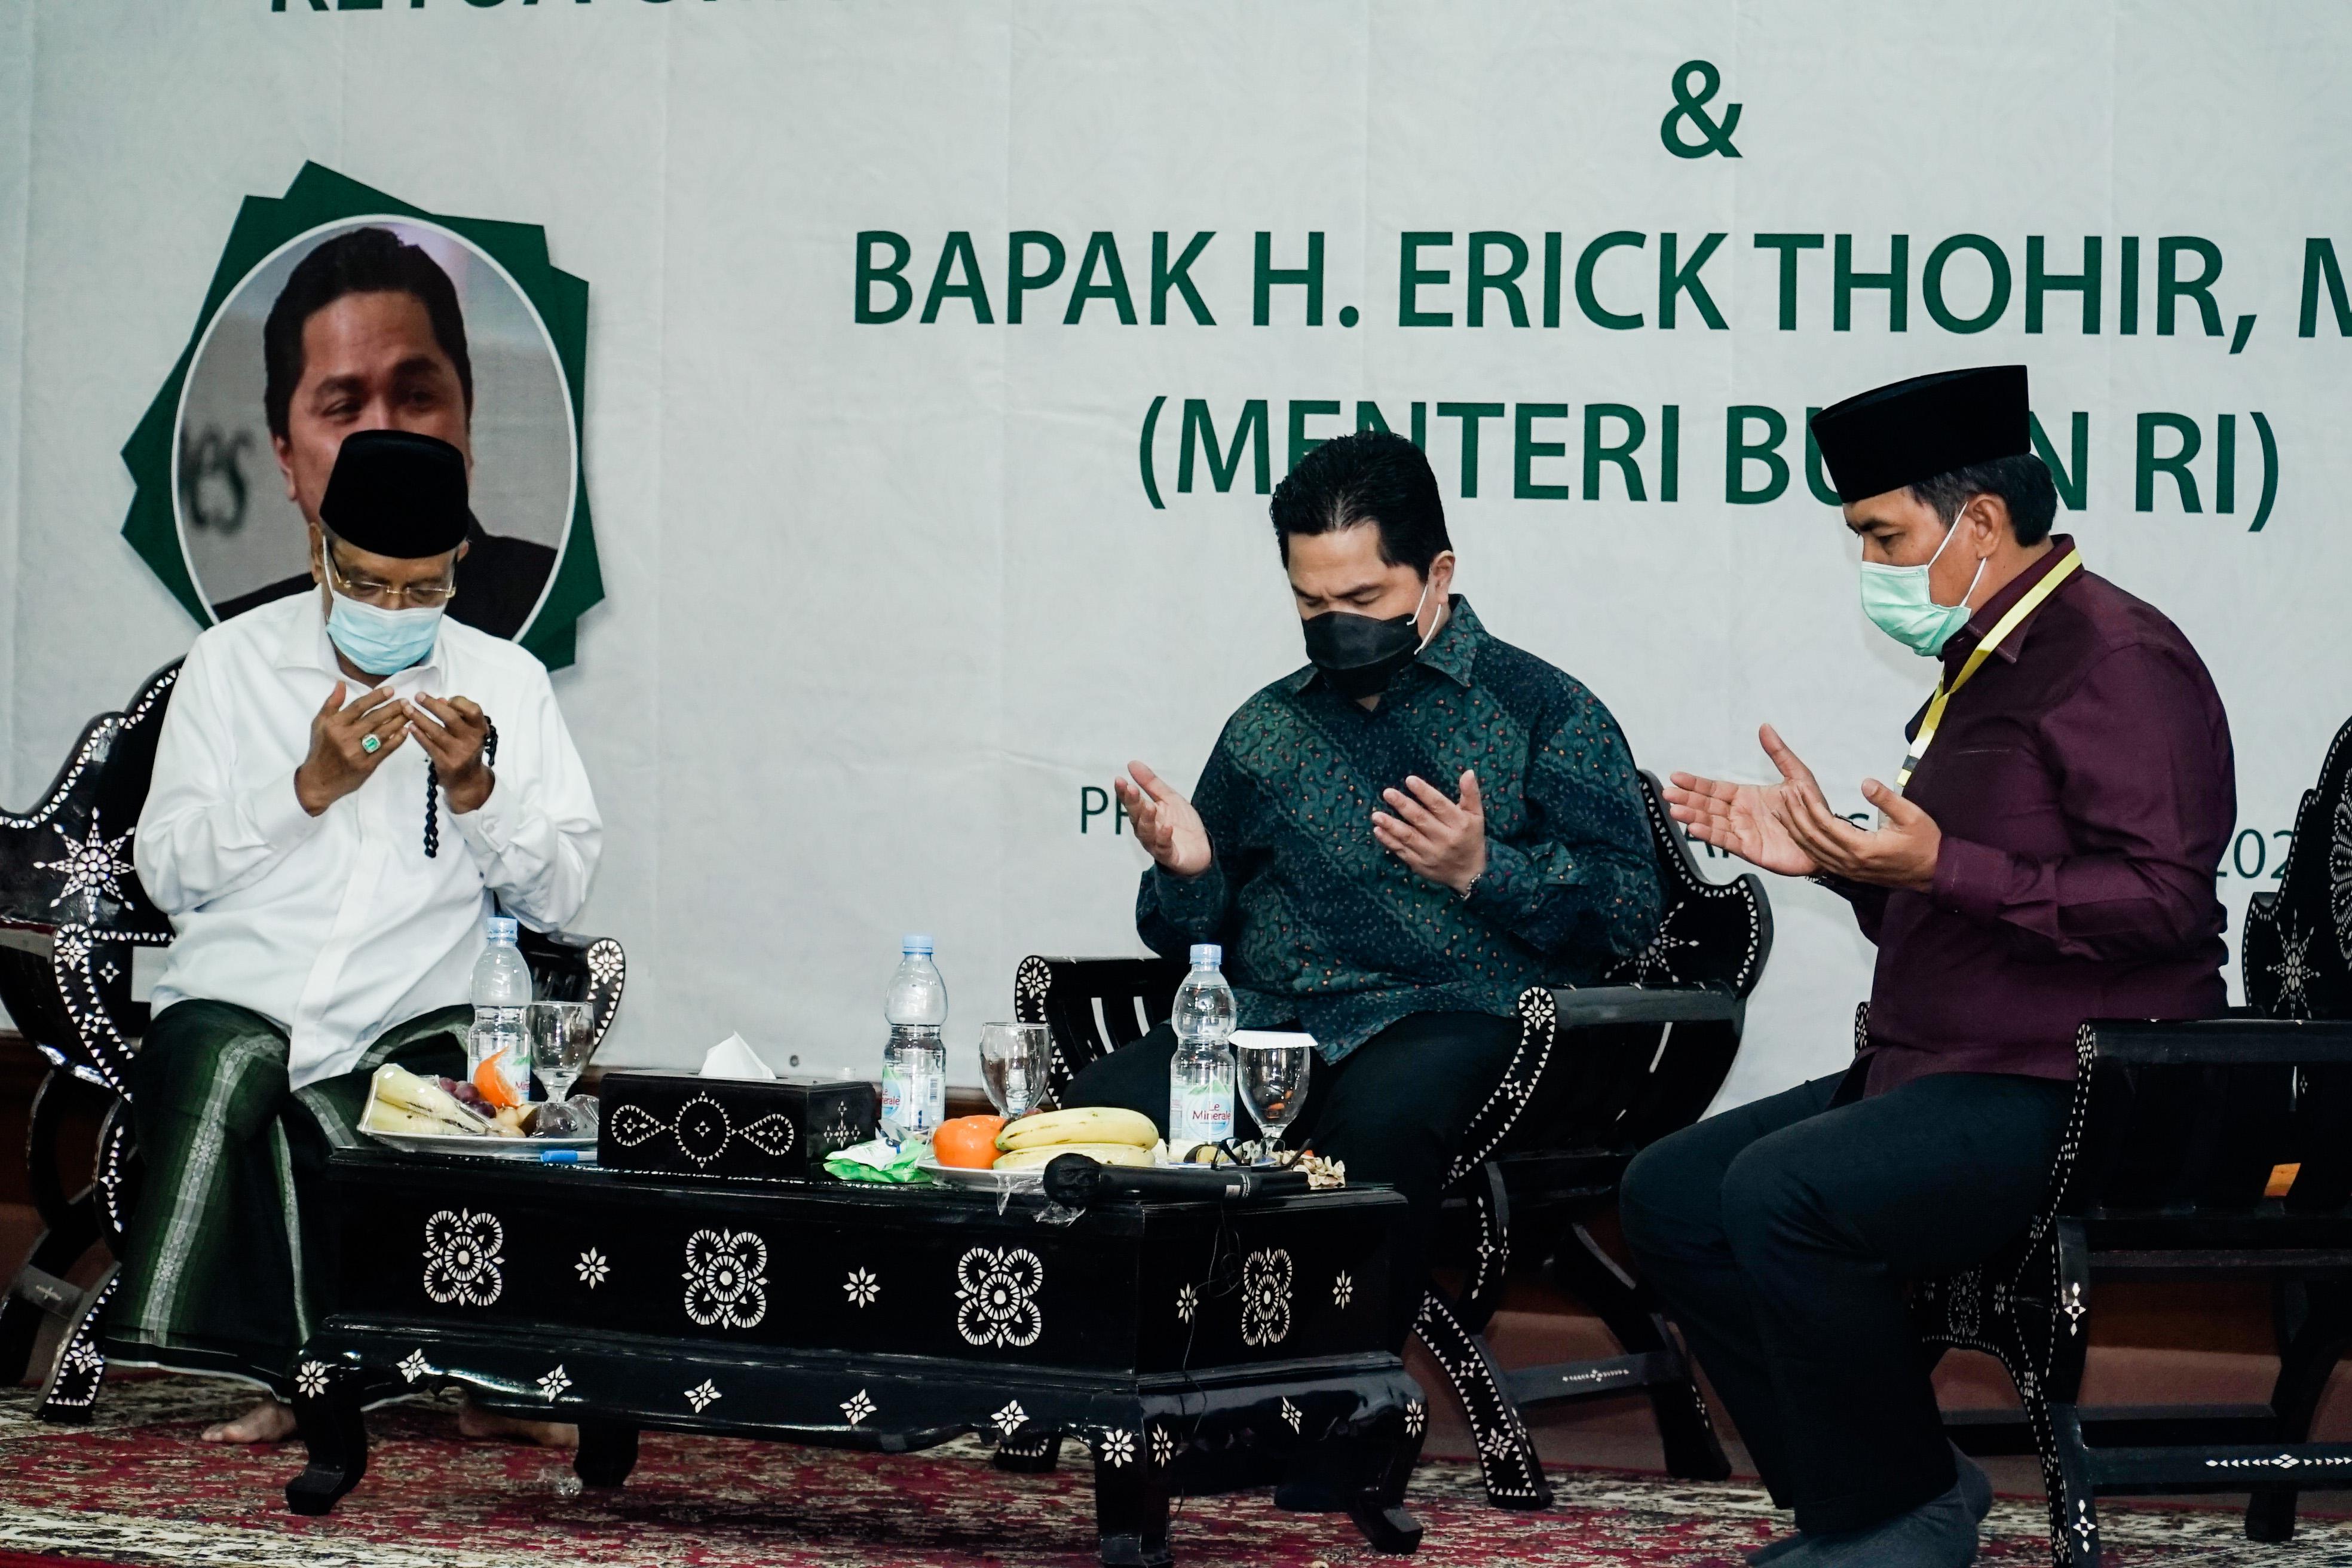 Kementerian Badan Usaha Milik Negara menjalin kolaborasi dengan Pengurus Besar Nahdlatul Ulama (PBNU).